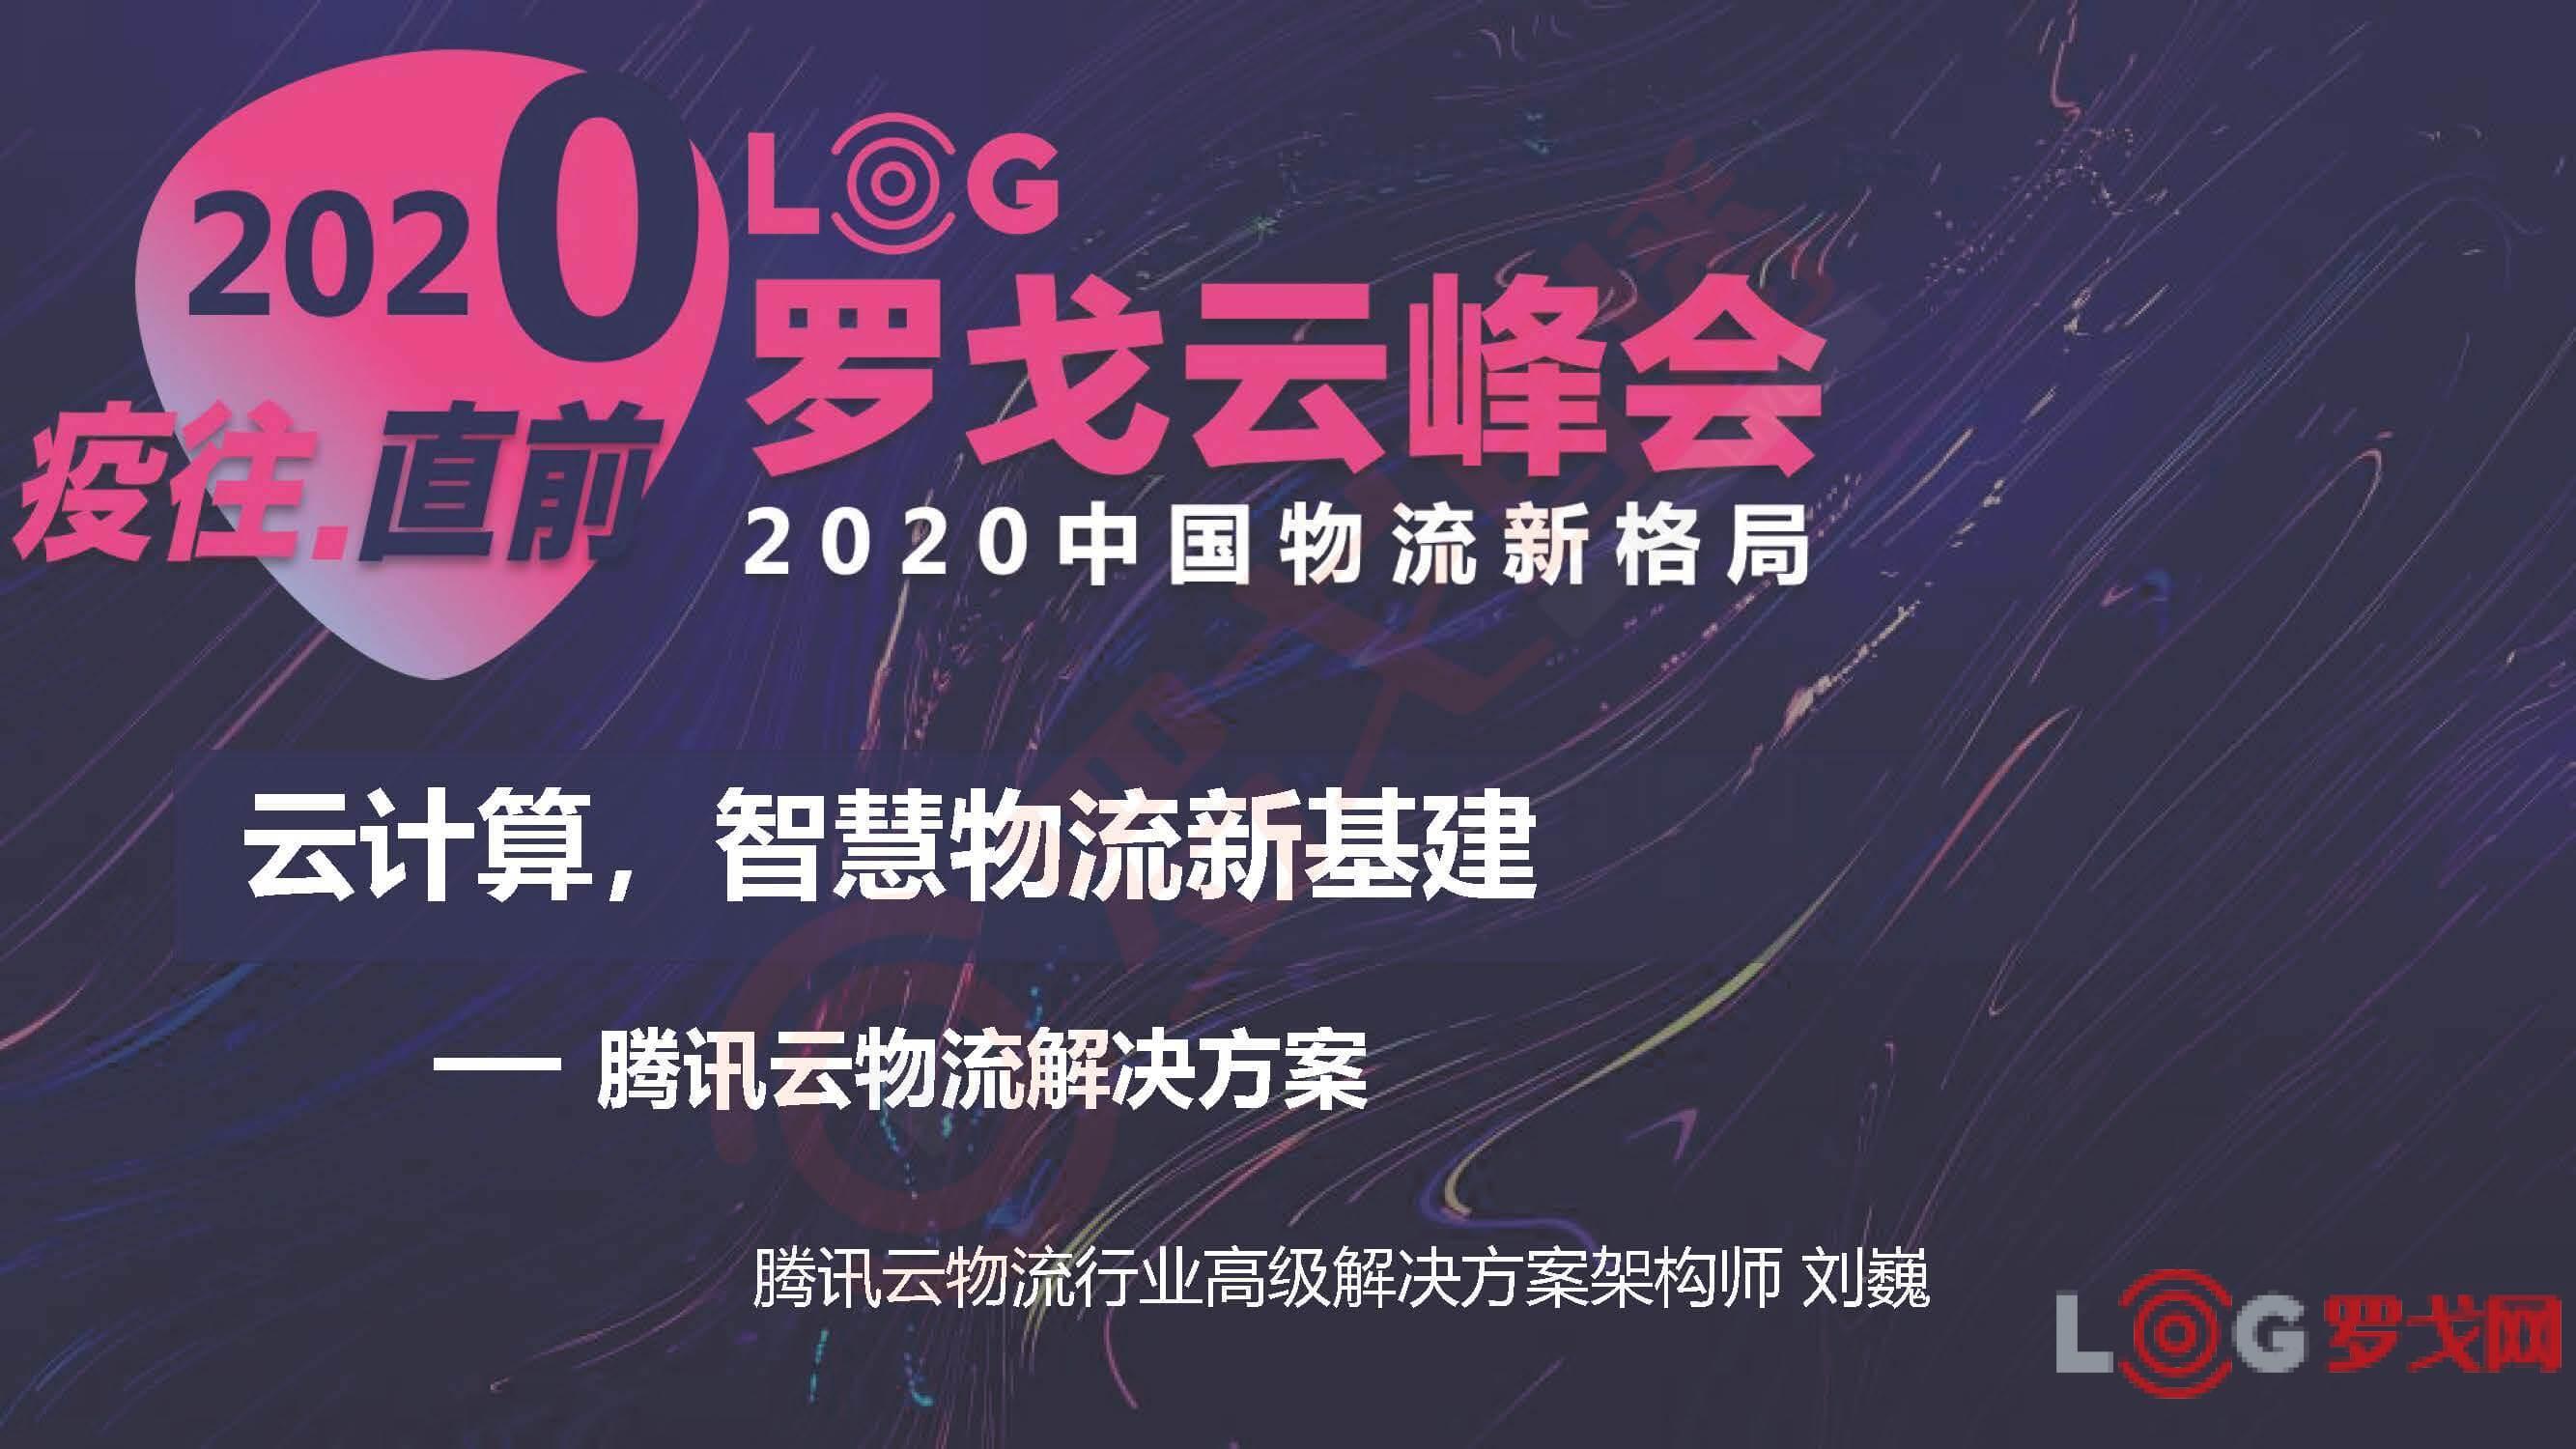 腾讯云刘巍:云服务是物流行业新基建